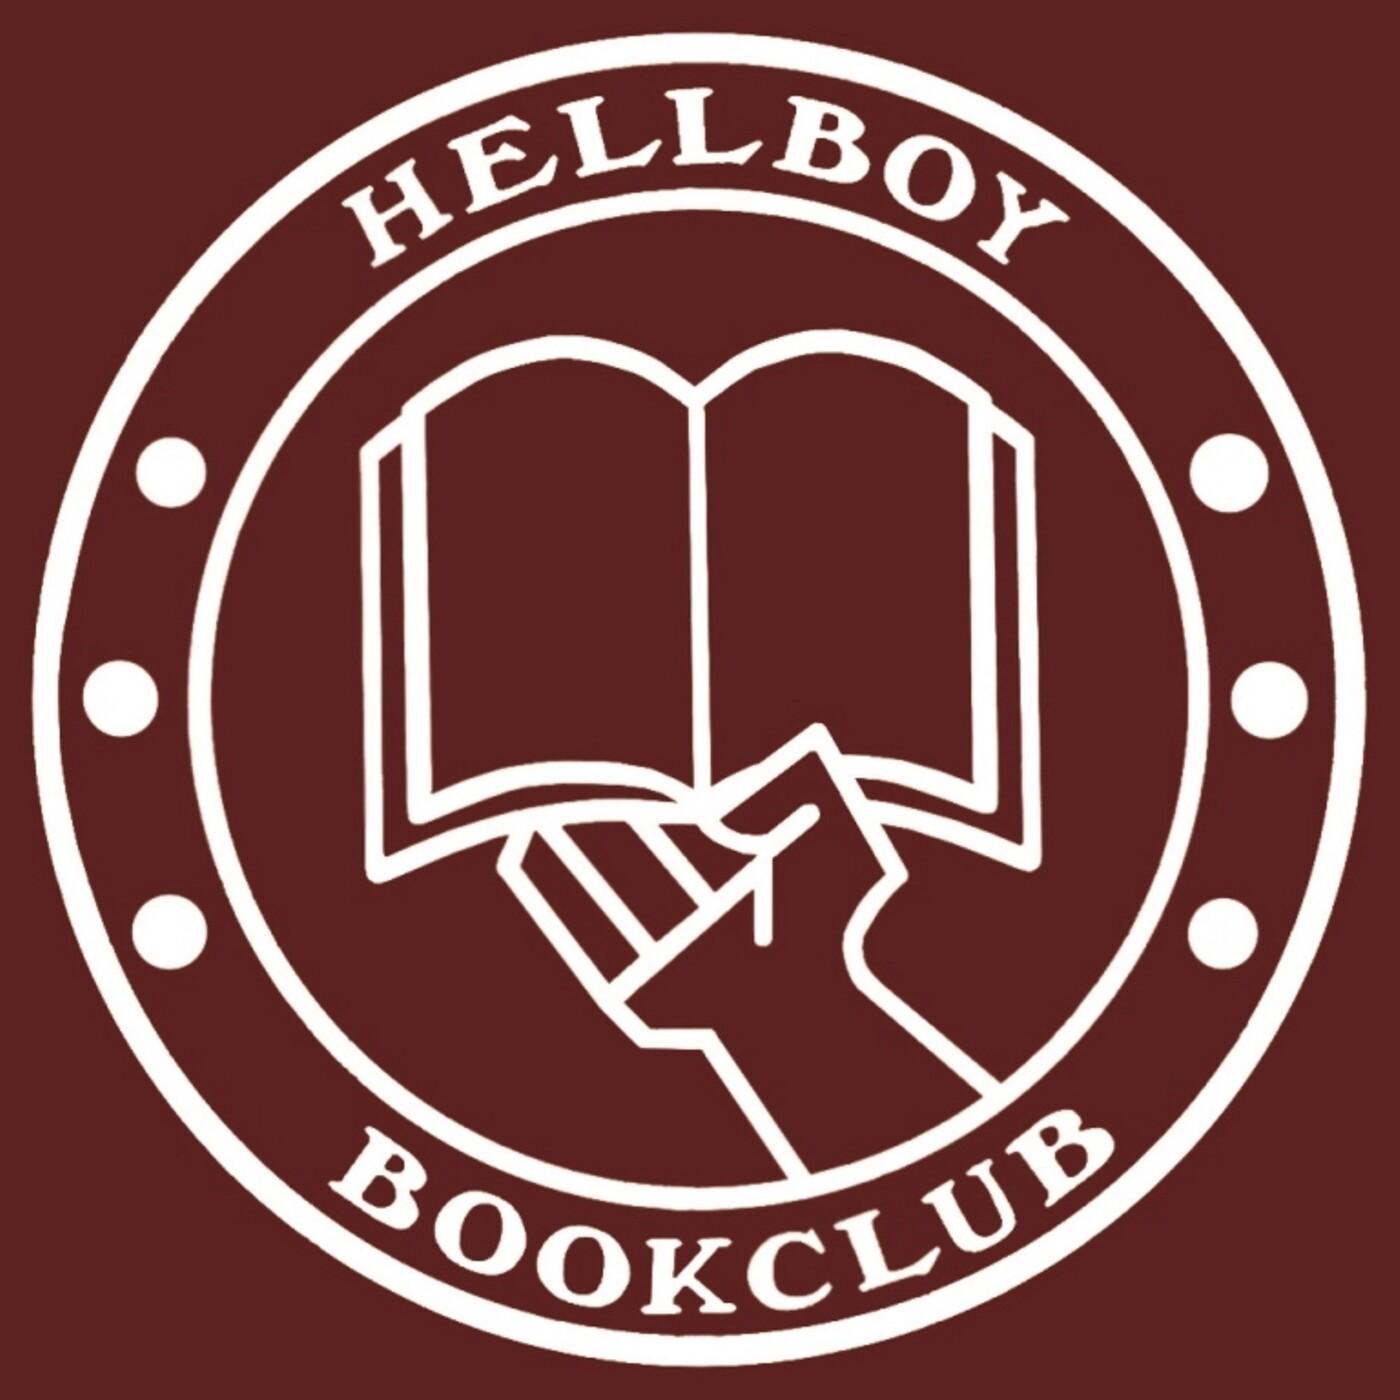 Episode 113 - Hellboy: The Bones of Giants Part 4!